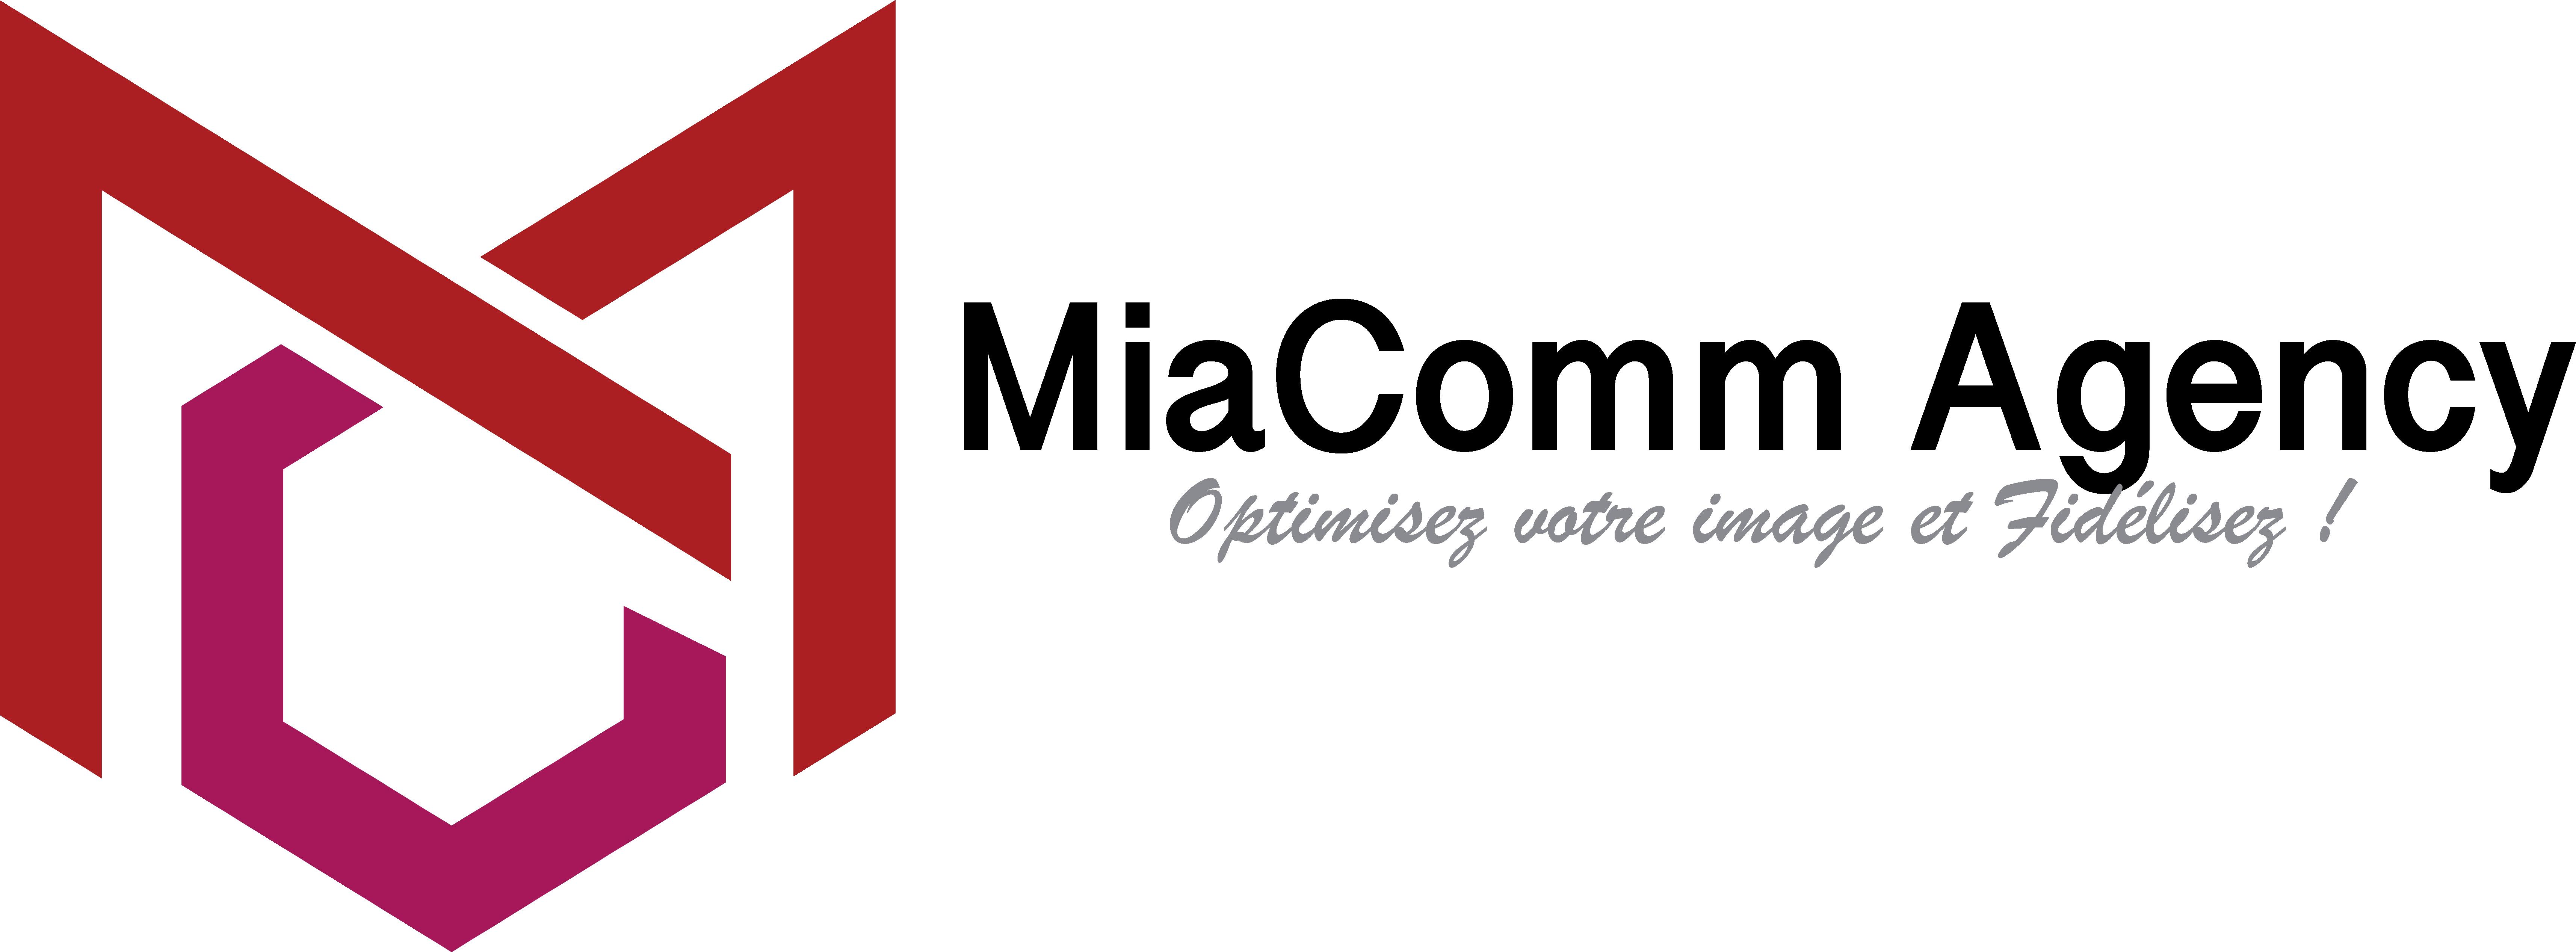 Miacomm Agency